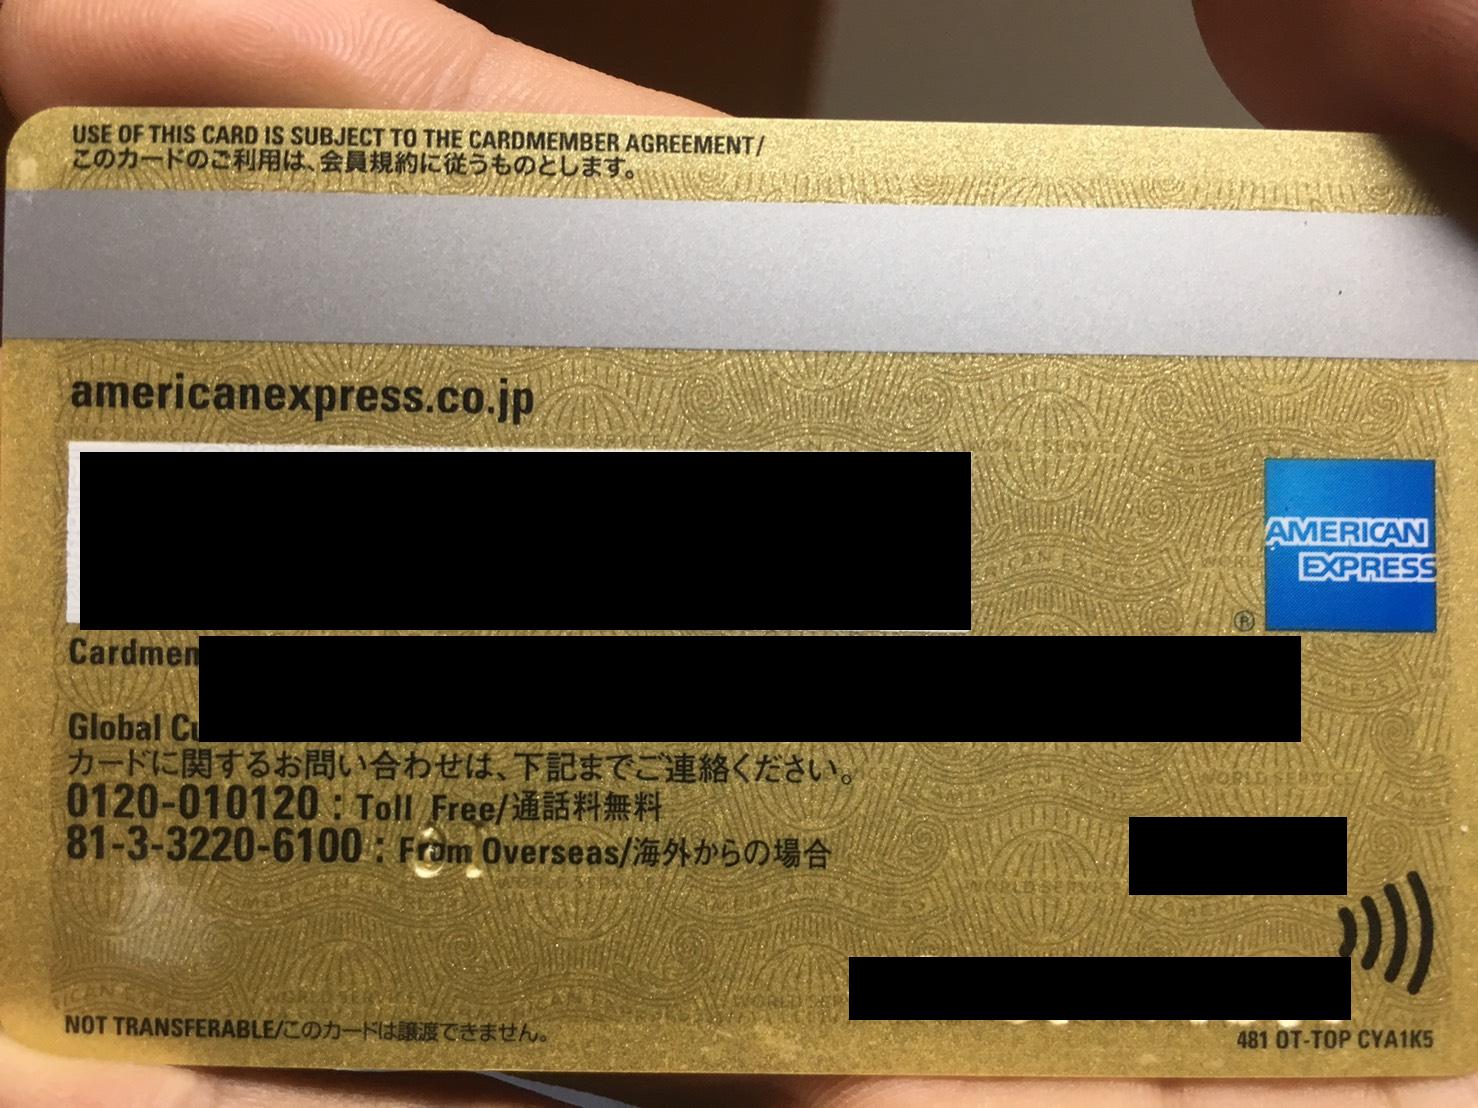 アメックスゴールドのカード裏の電話番号